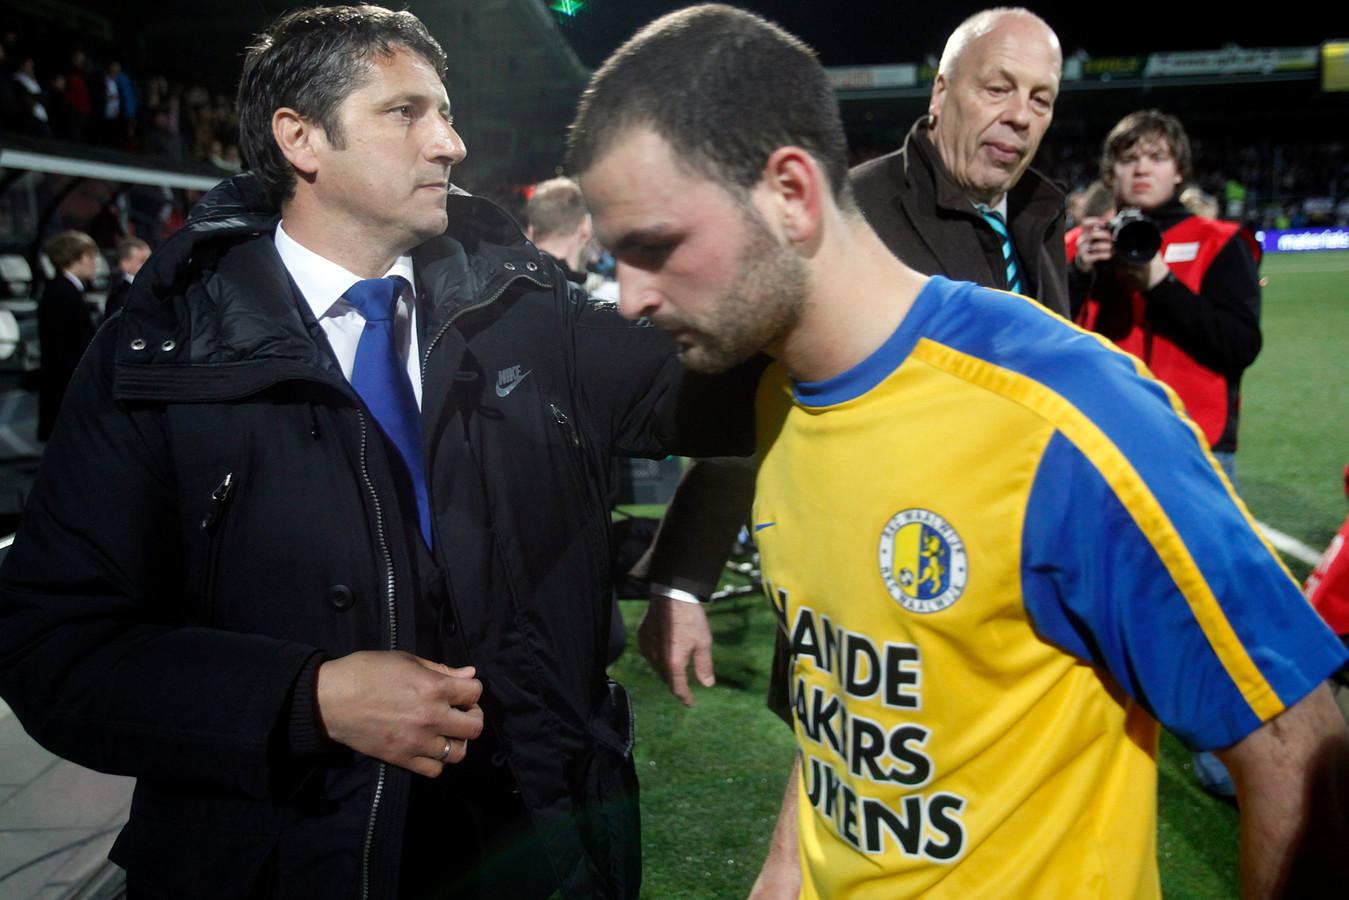 Hansje huilt: RKC degradeert in 2010 uit de eredivisie. Hans Mulder heeft de smoor in. Links trainer Ruud Brood, die nu met ADO Den Haag op degraderen staat.